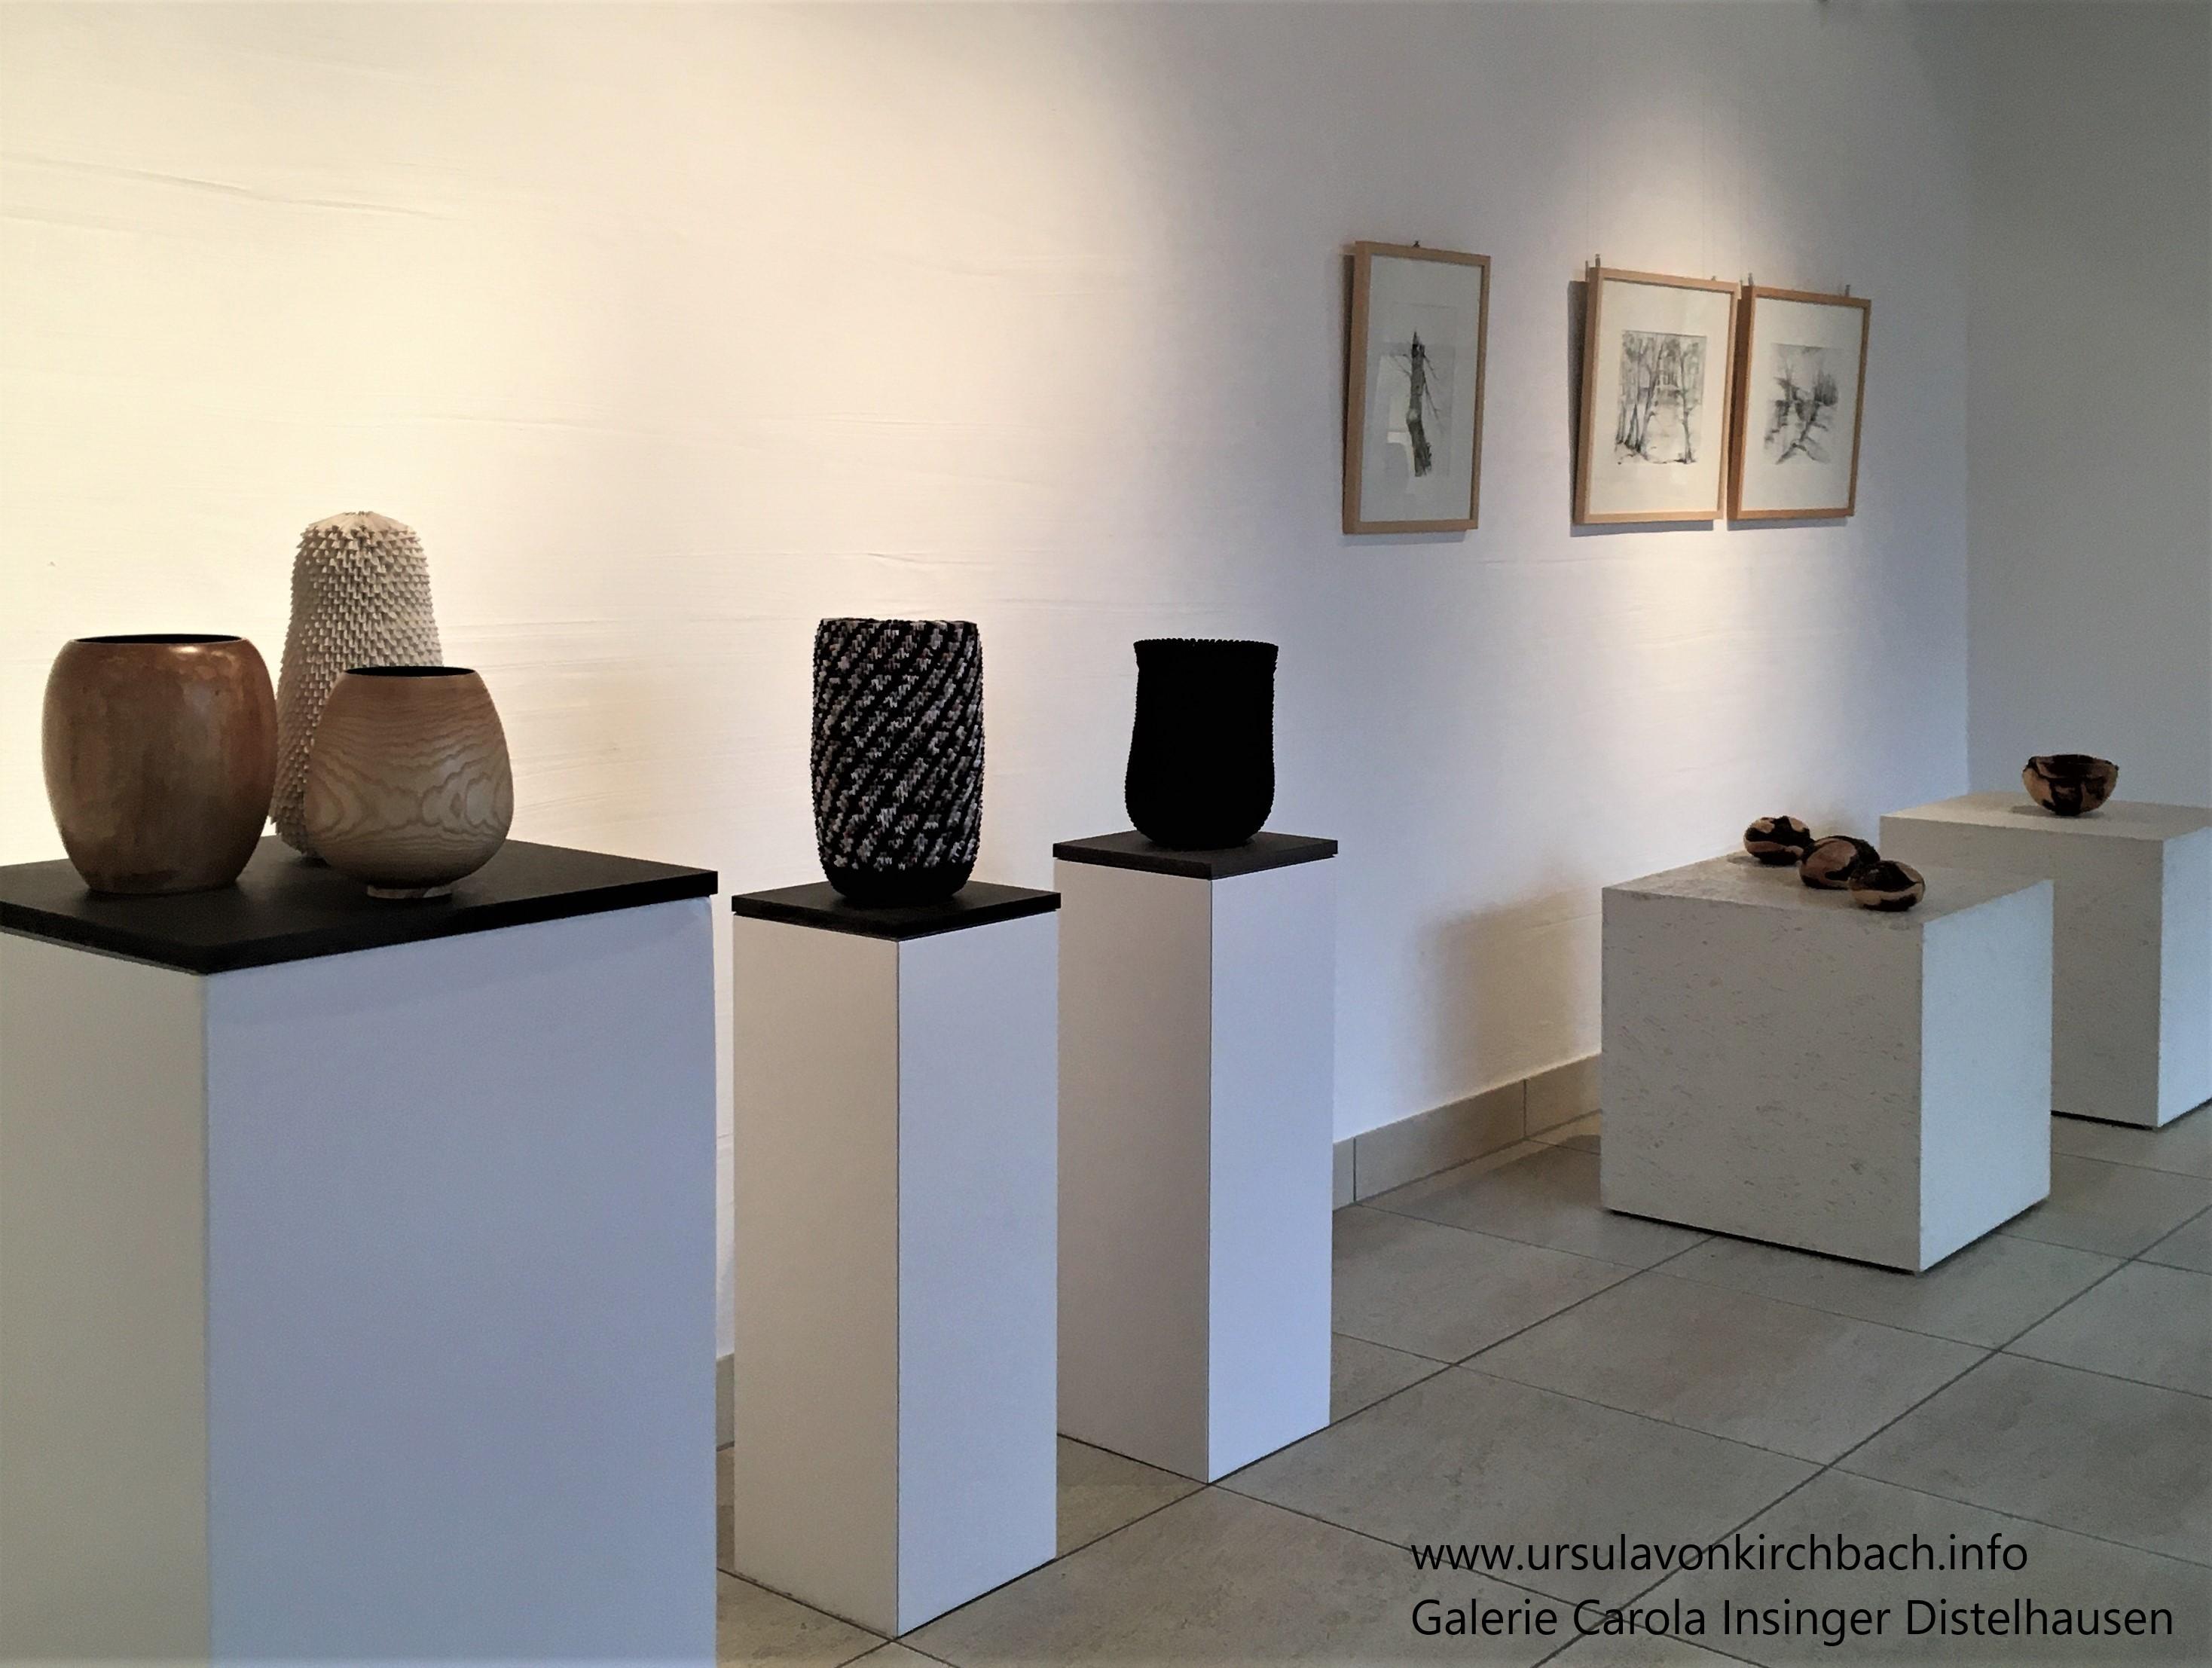 Galerie Carola Insinger Distelhausen -Eingang